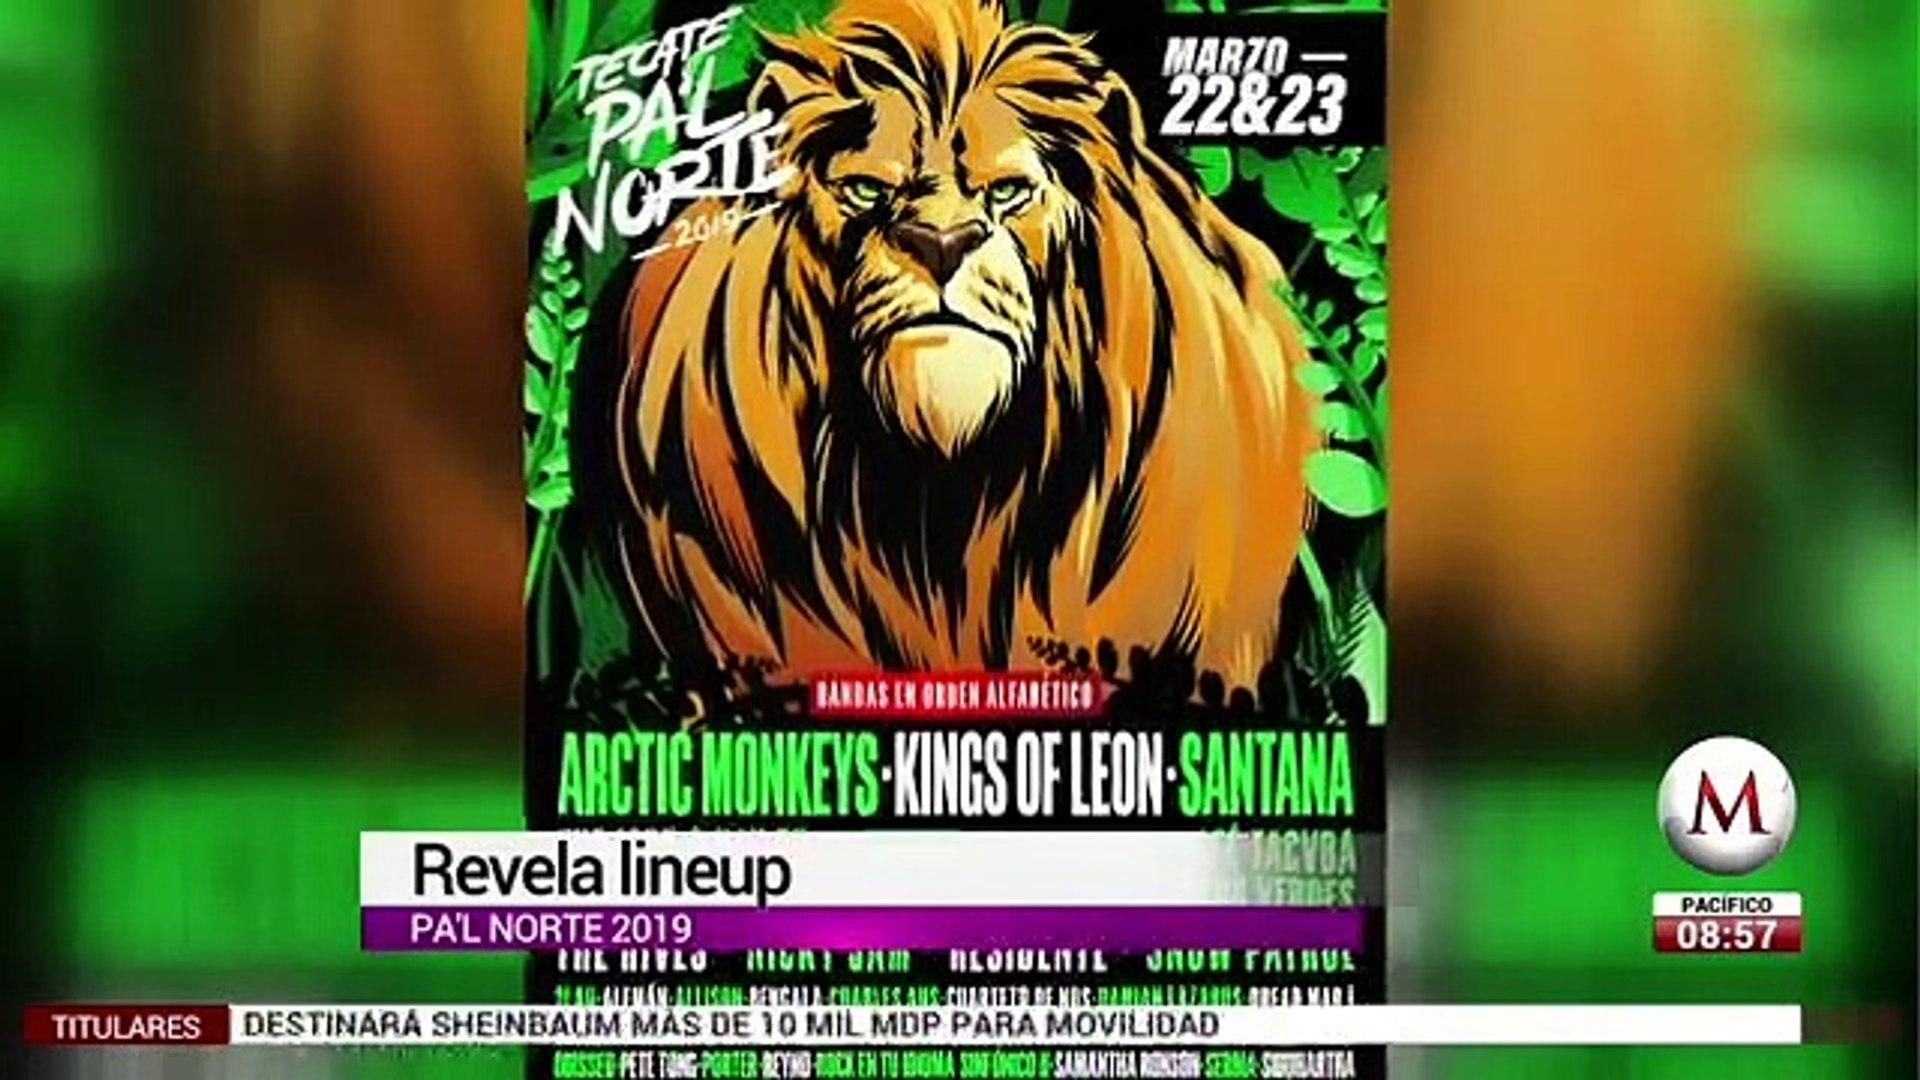 Cartel Pa'l Norte 2019, encabezan Arctic Monkeys y Kings of Leon